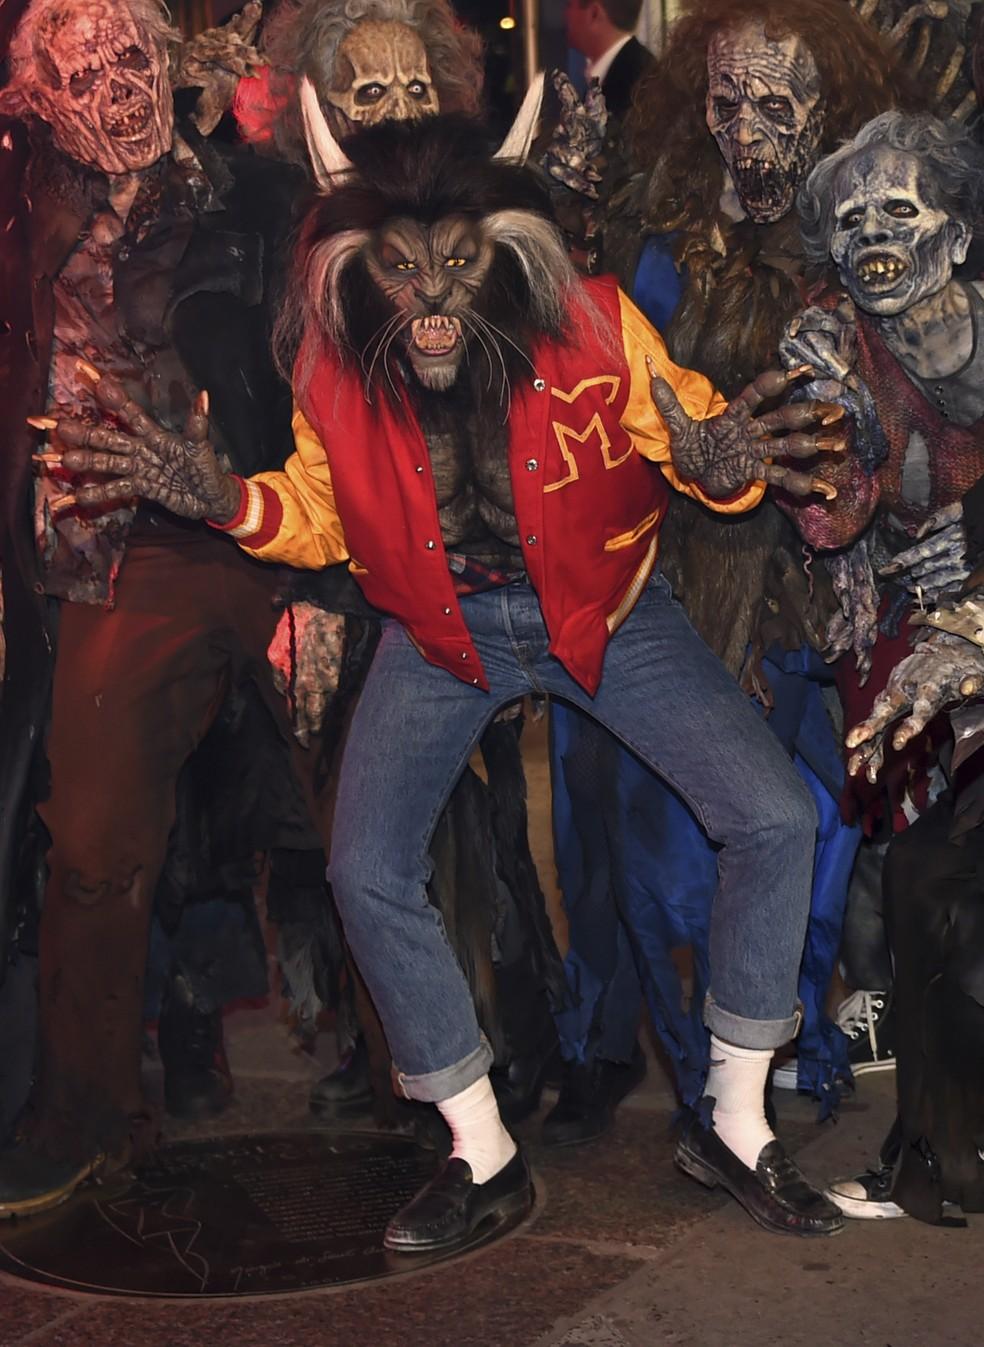 Heidi Klum se veste de lobisomem para homenagear Michael Jackson no clipe de